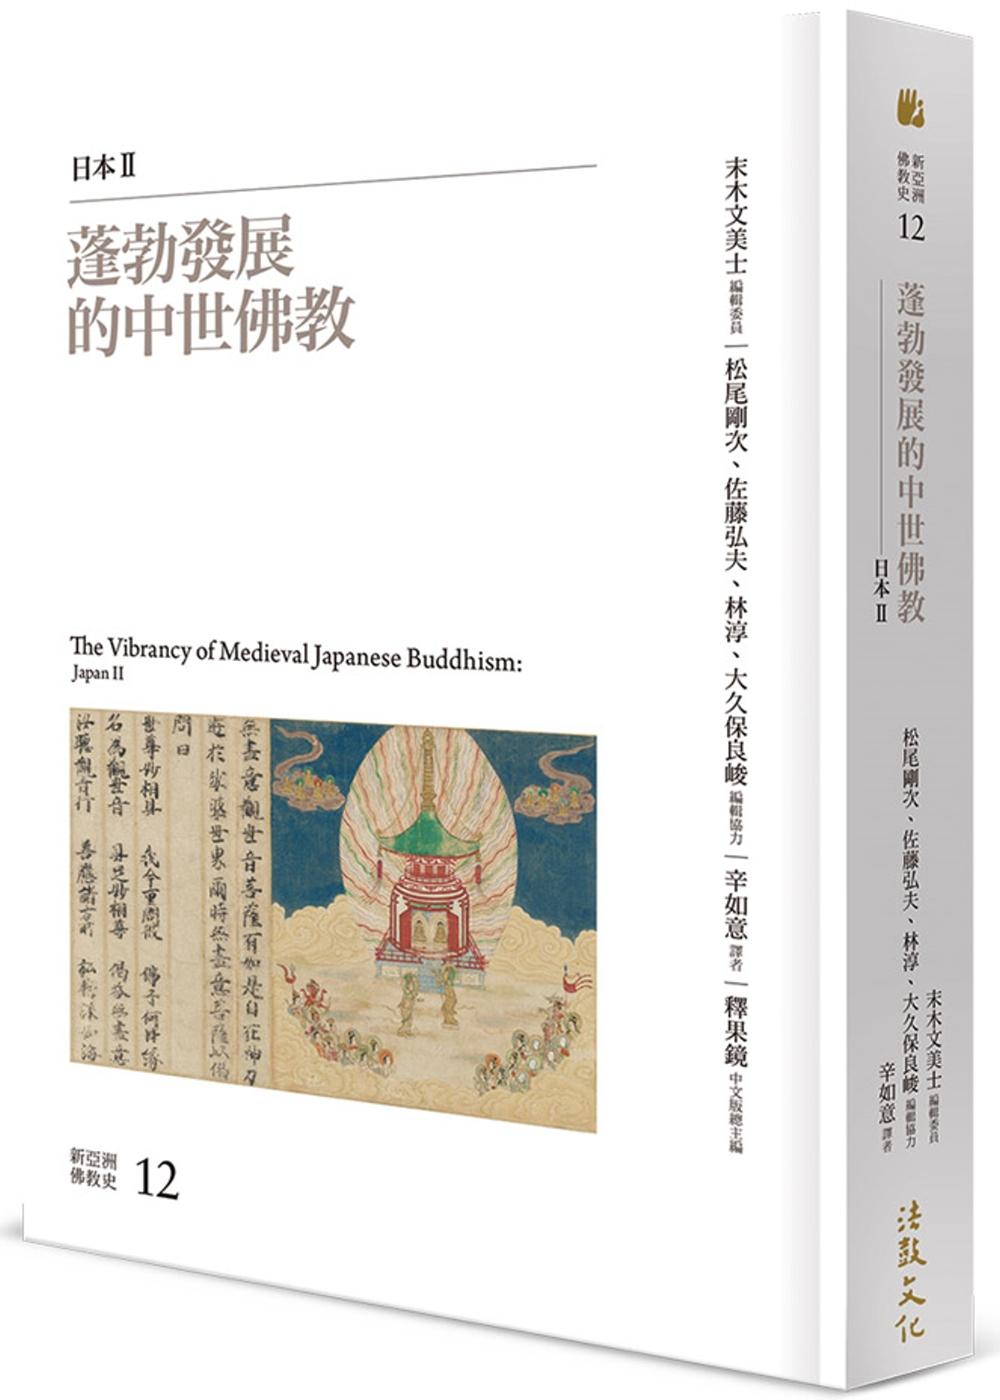 蓬勃發展的中世佛教:日本II